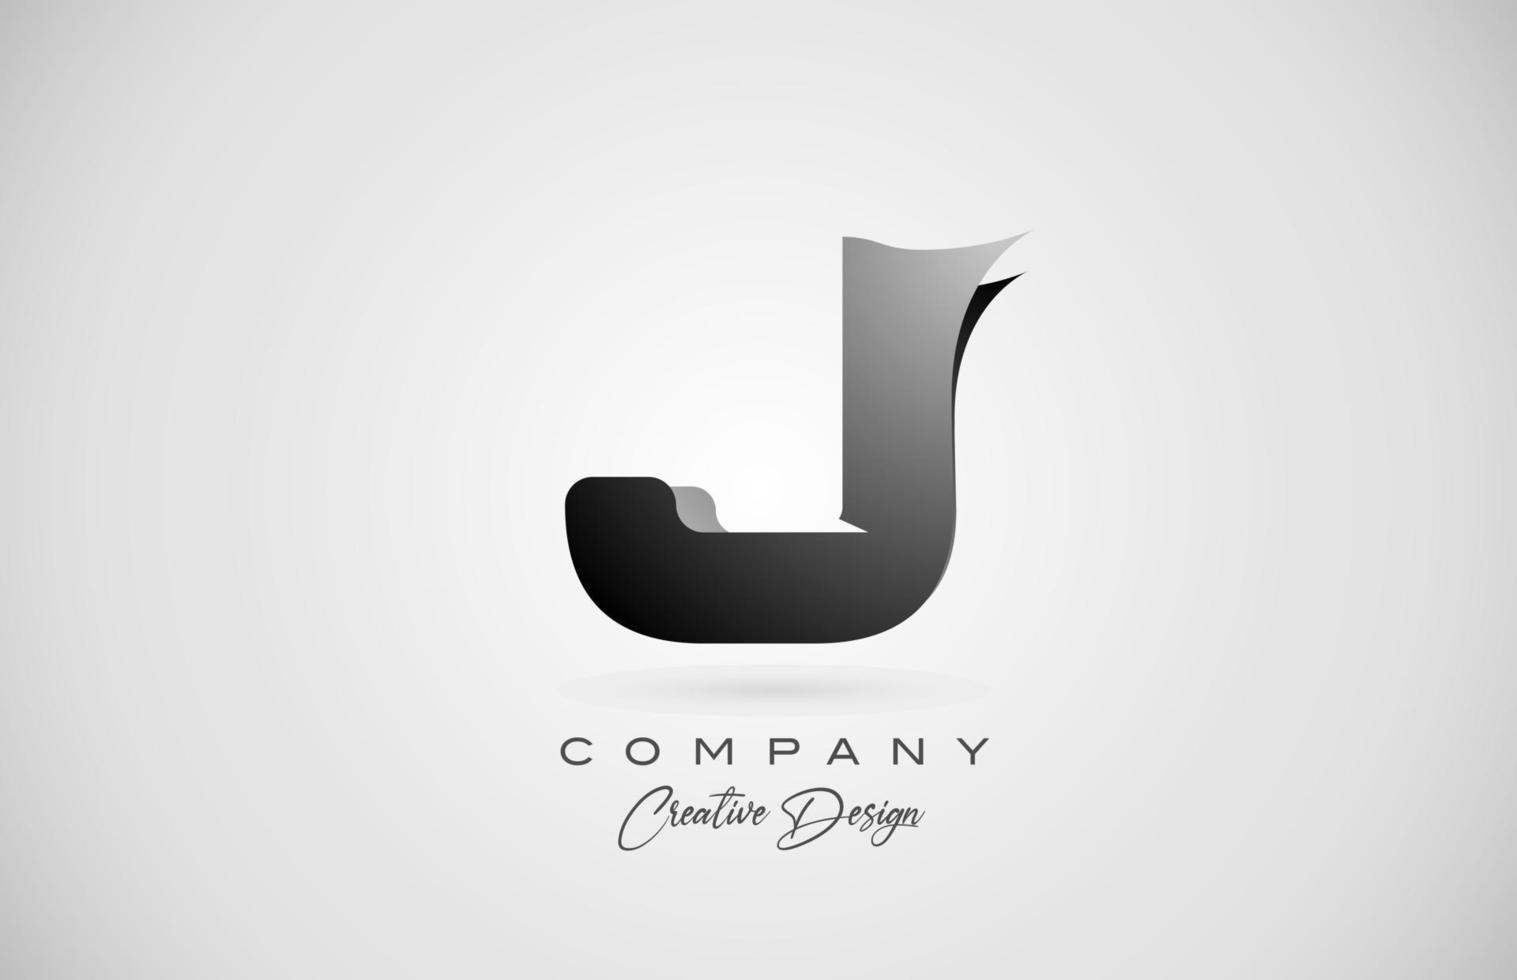 logotipo do ícone da letra j do alfabeto em gradiente preto. design criativo para negócios e empresa vetor